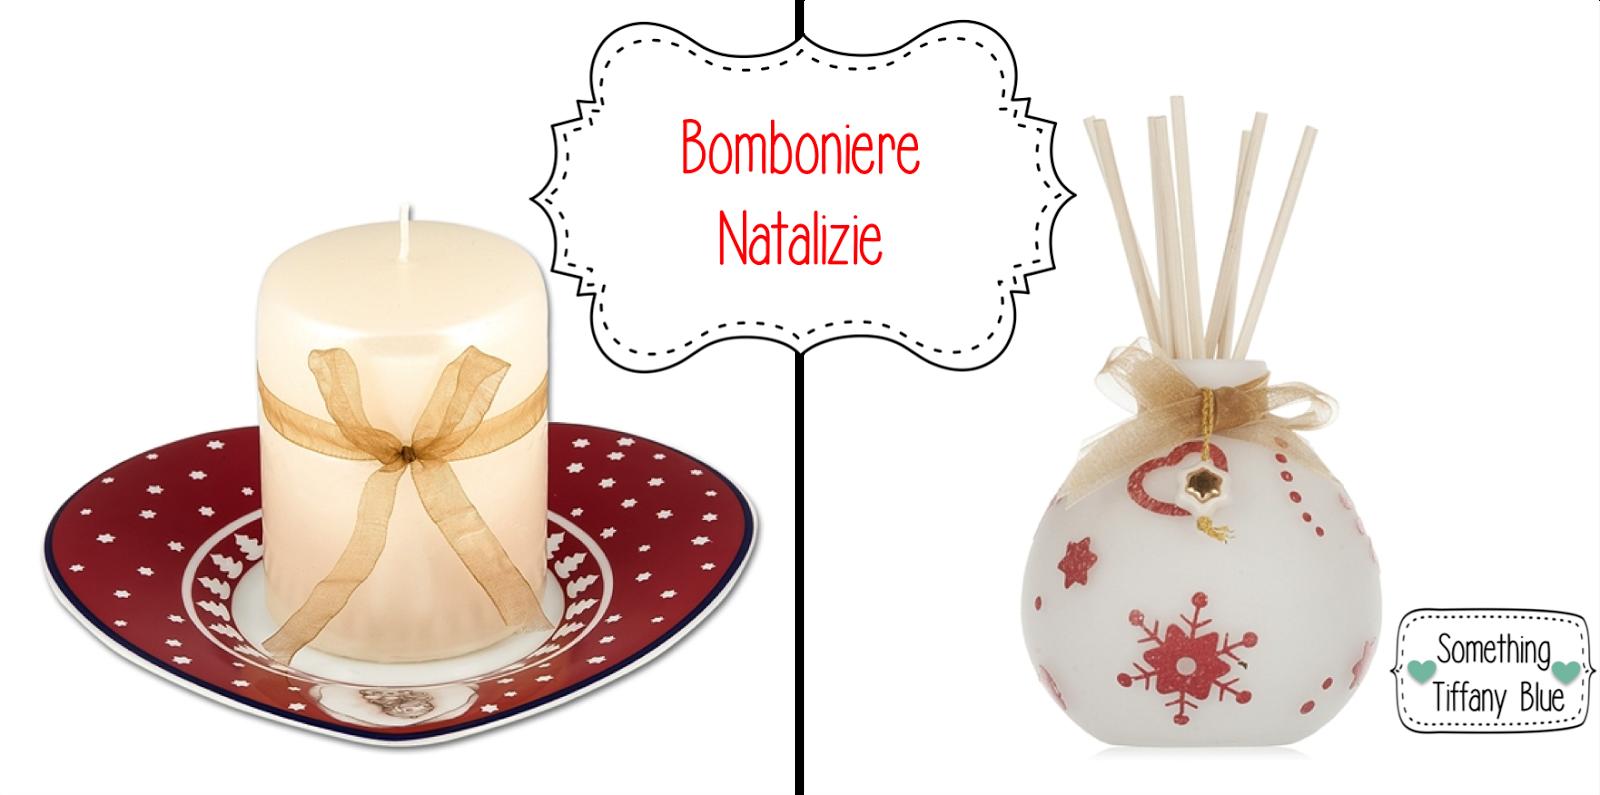 Segnaposto Matrimonio Tema Natalizio.Natale Thun 2014 Bomboniere A Tema Natale Per Un Matrimonio D